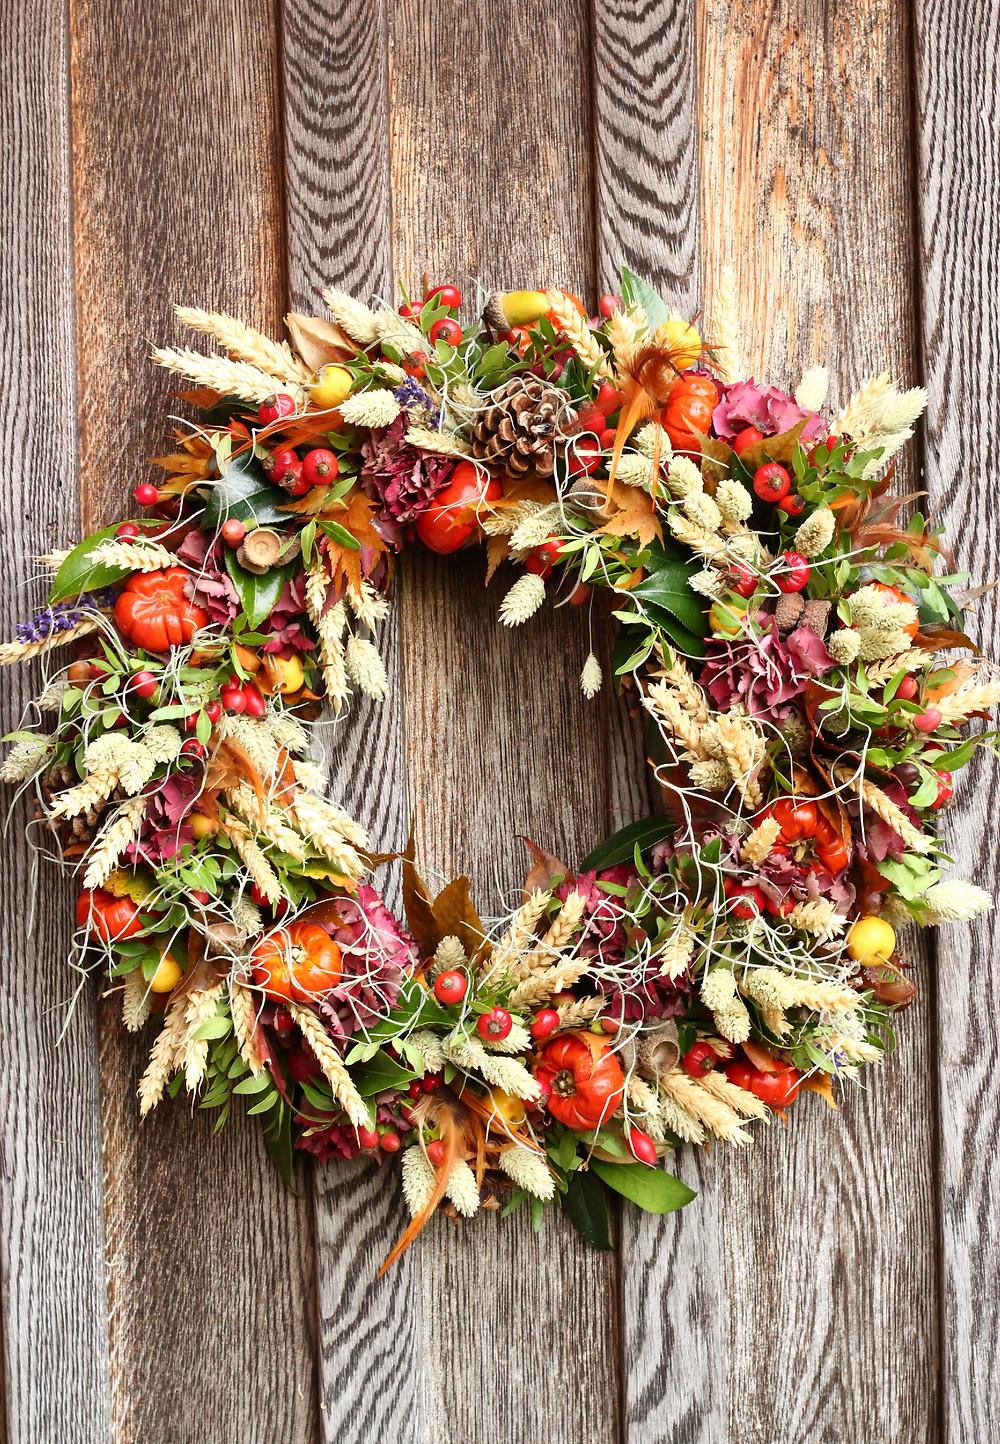 Luxurious Autumn wreath